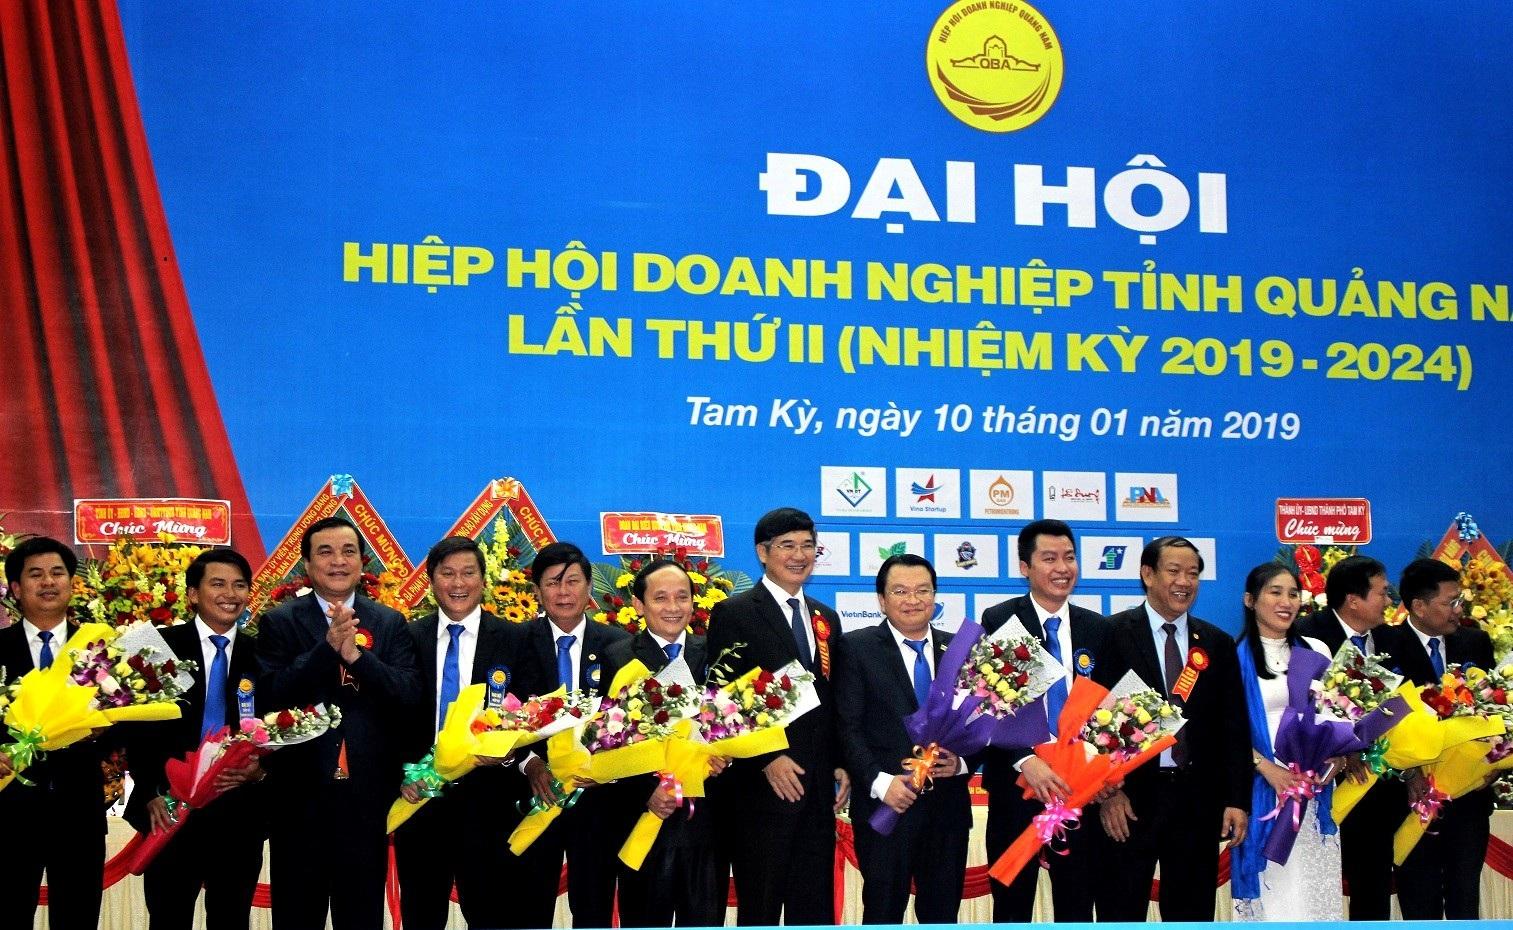 Hiệp hội doanh nghiệp tỉnh Quảng Nam quy tụ hơn 400 thành viên - Ảnh 2.